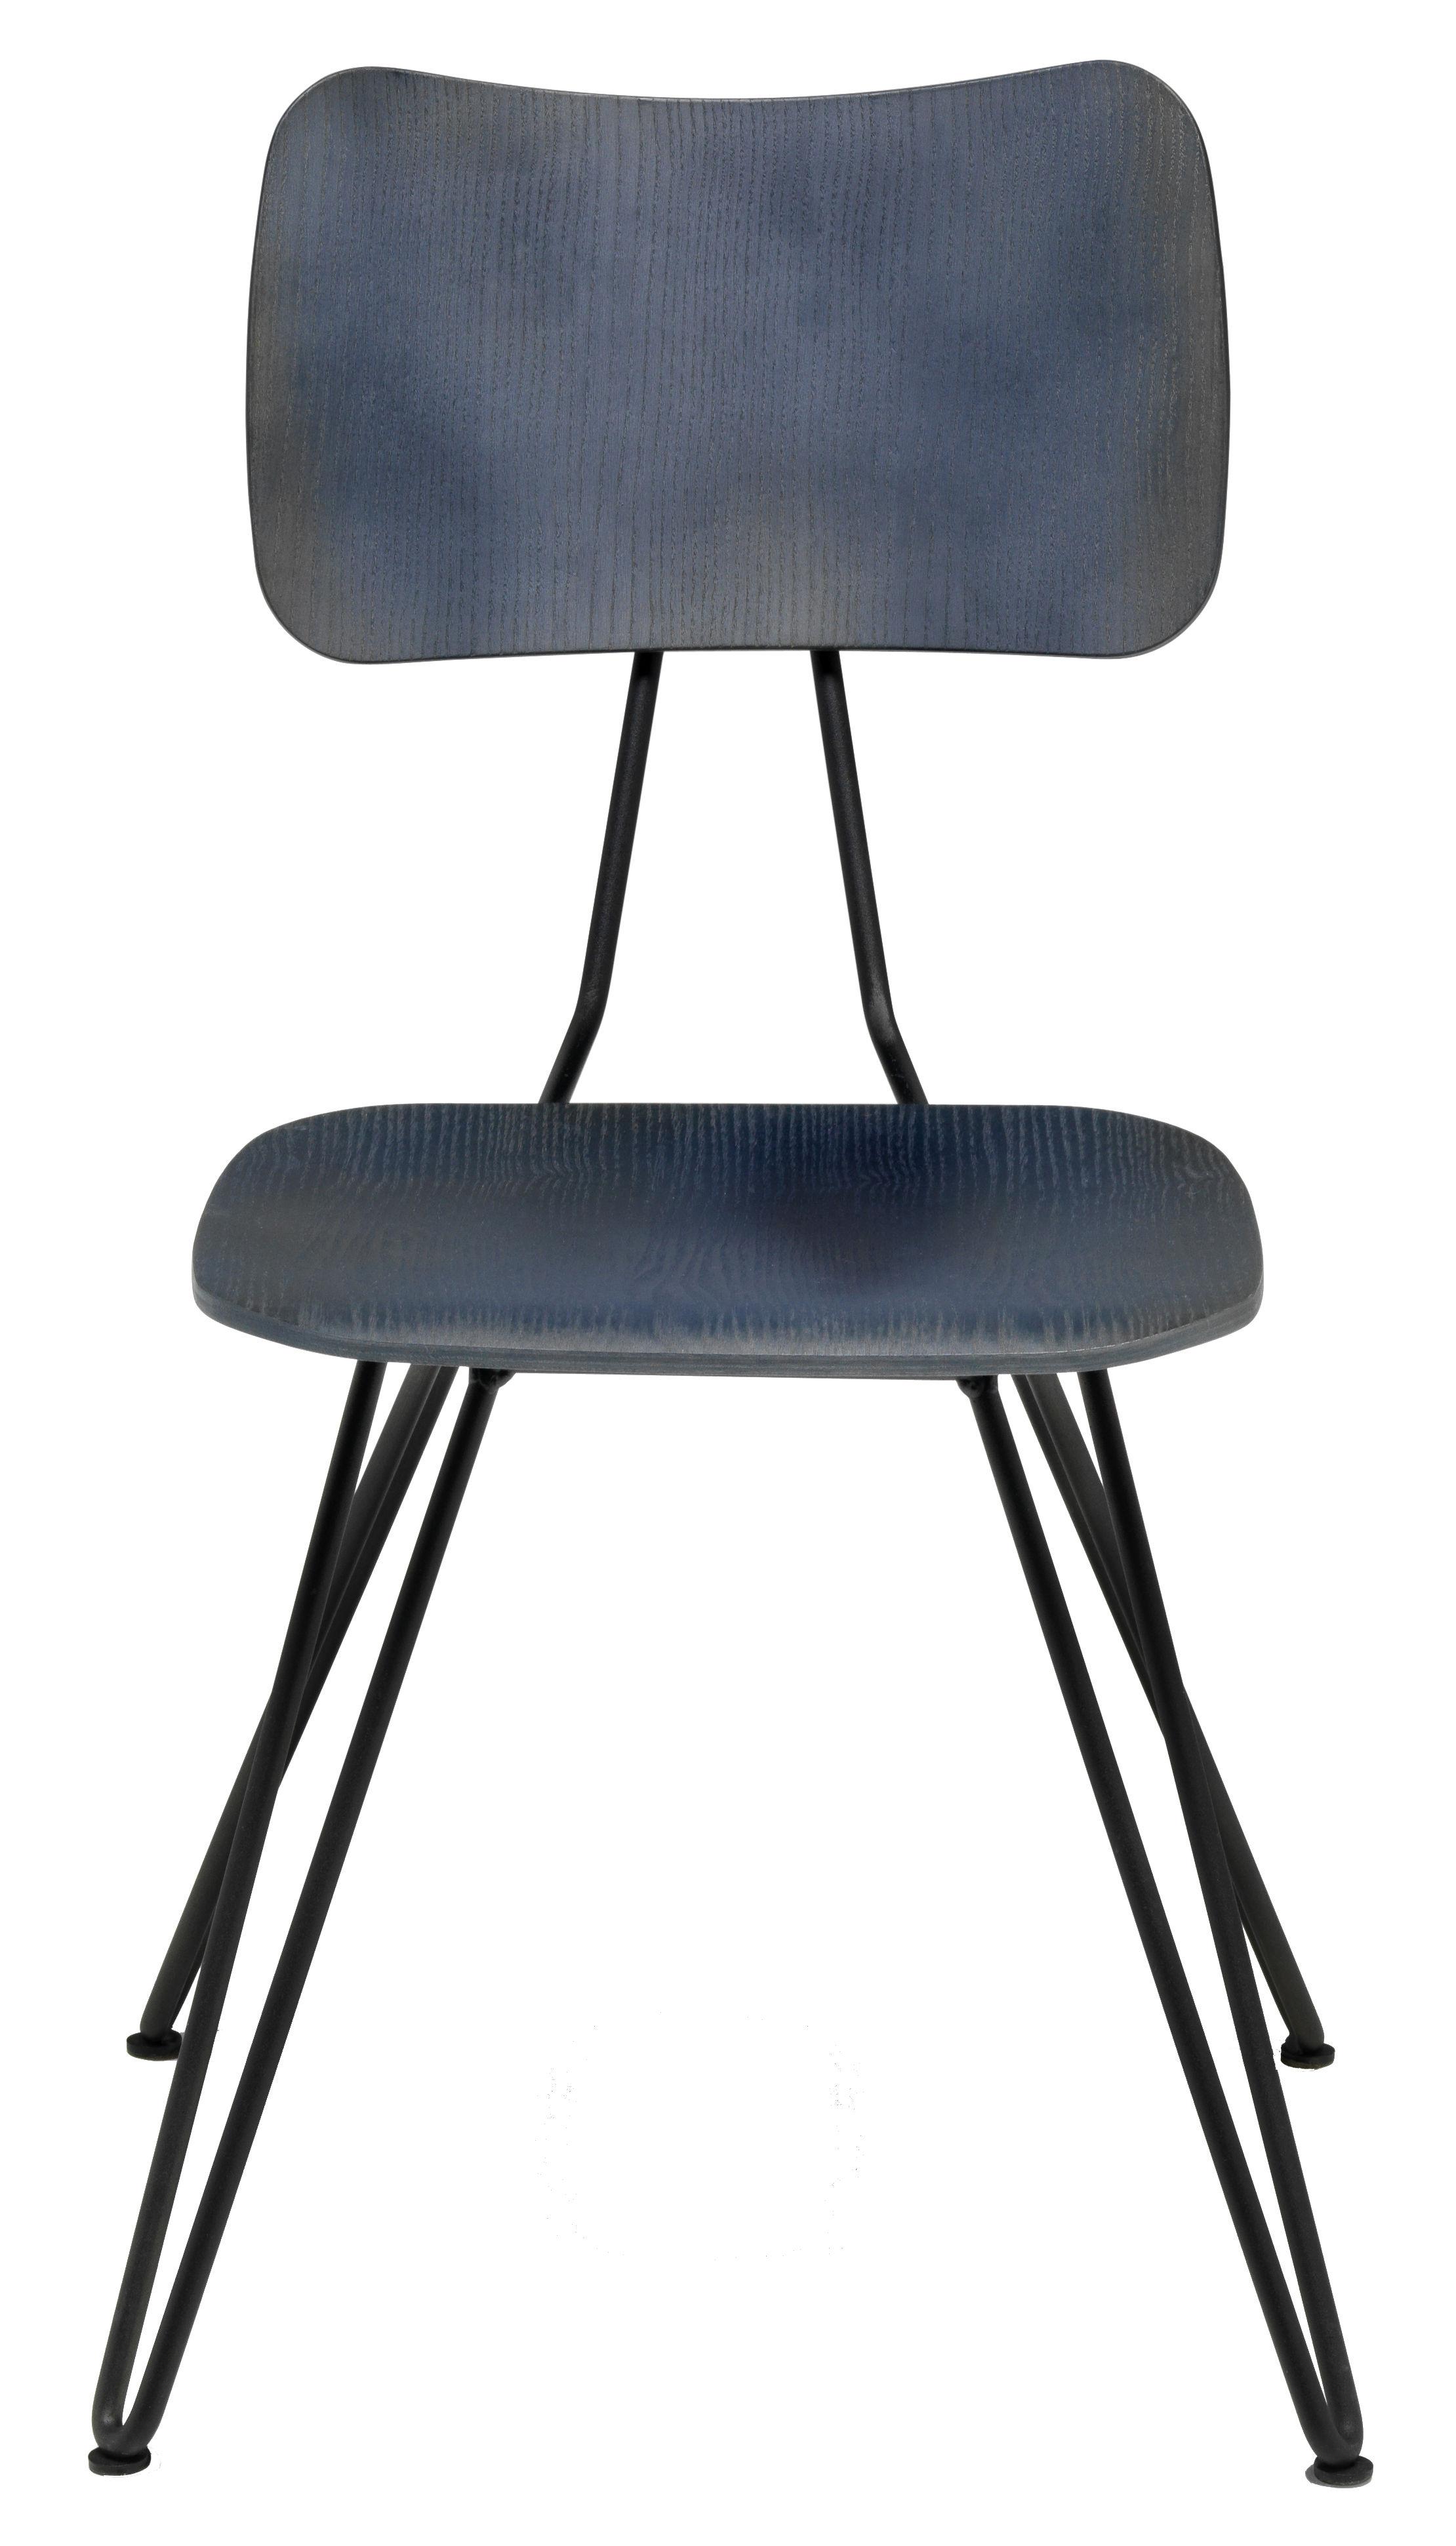 Möbel - Stühle  - Overdyed Stuhl - Diesel with Moroso - Indigoblau - lackierter Stahl, Vielschicht-Sperrholz in getönter Esche